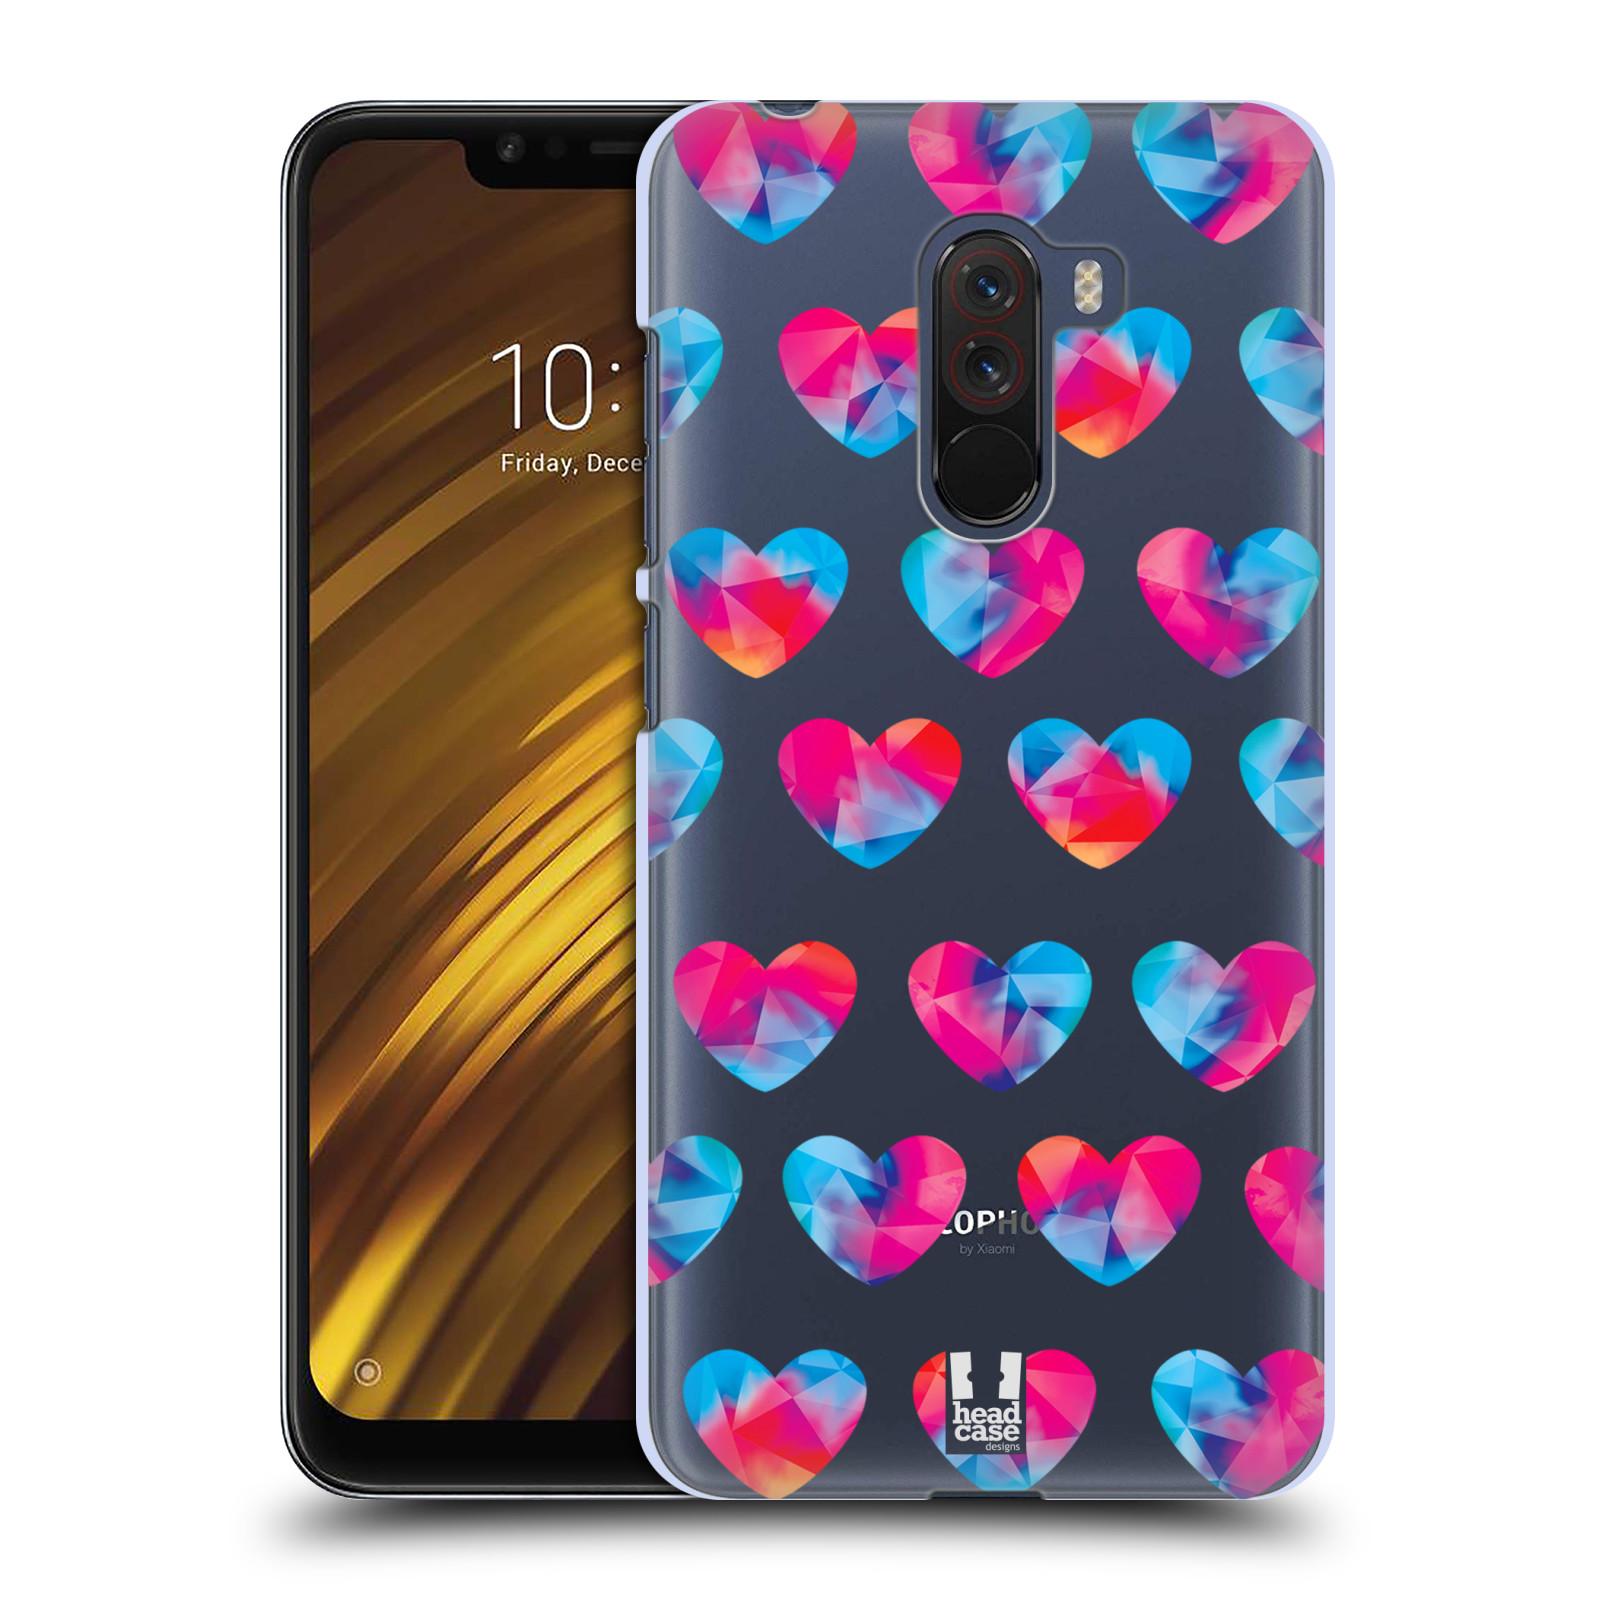 Plastové pouzdro na mobil Xiaomi Pocophone F1 - Head Case - Srdíčka hrající barvami